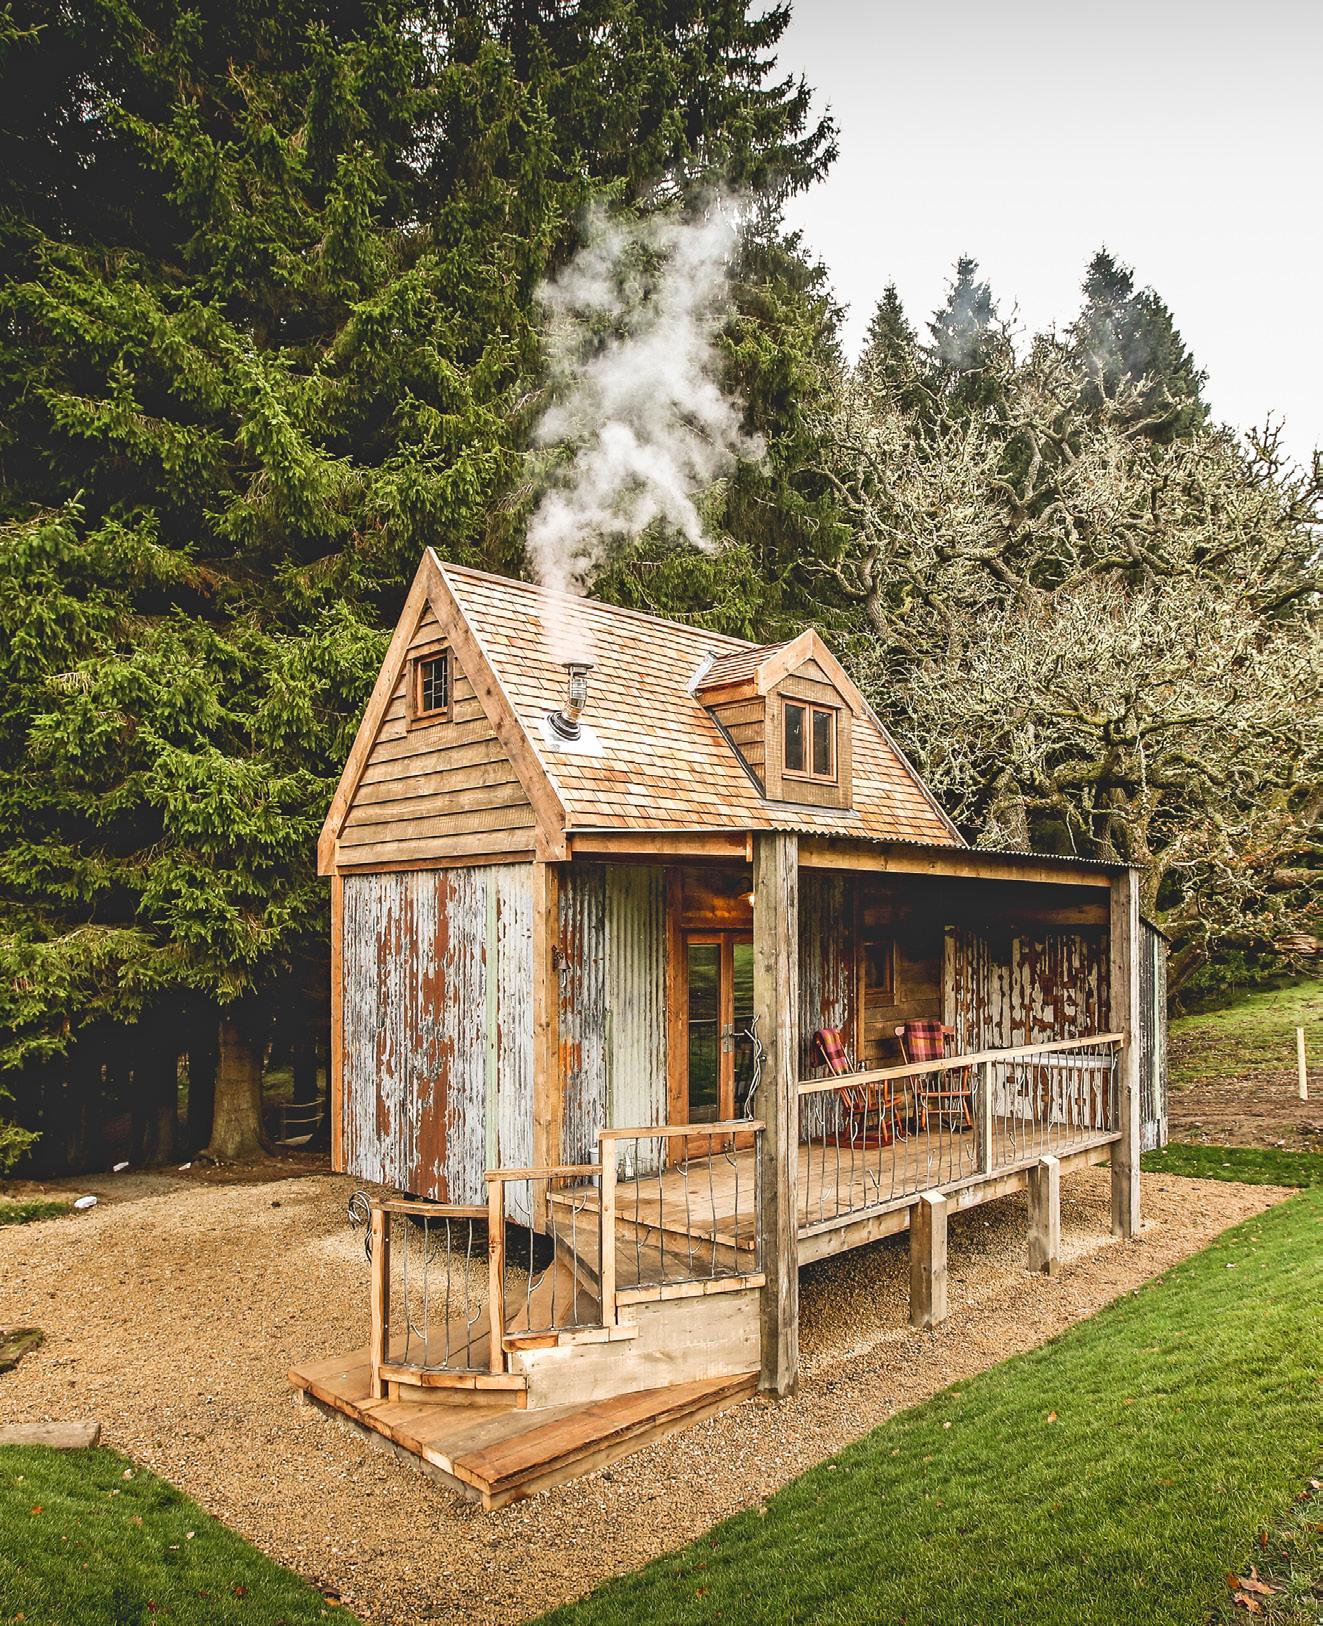 Rustikales Holzhaus aus dem Buch Zauberhütten, erschienen im Gestalten Verlag.